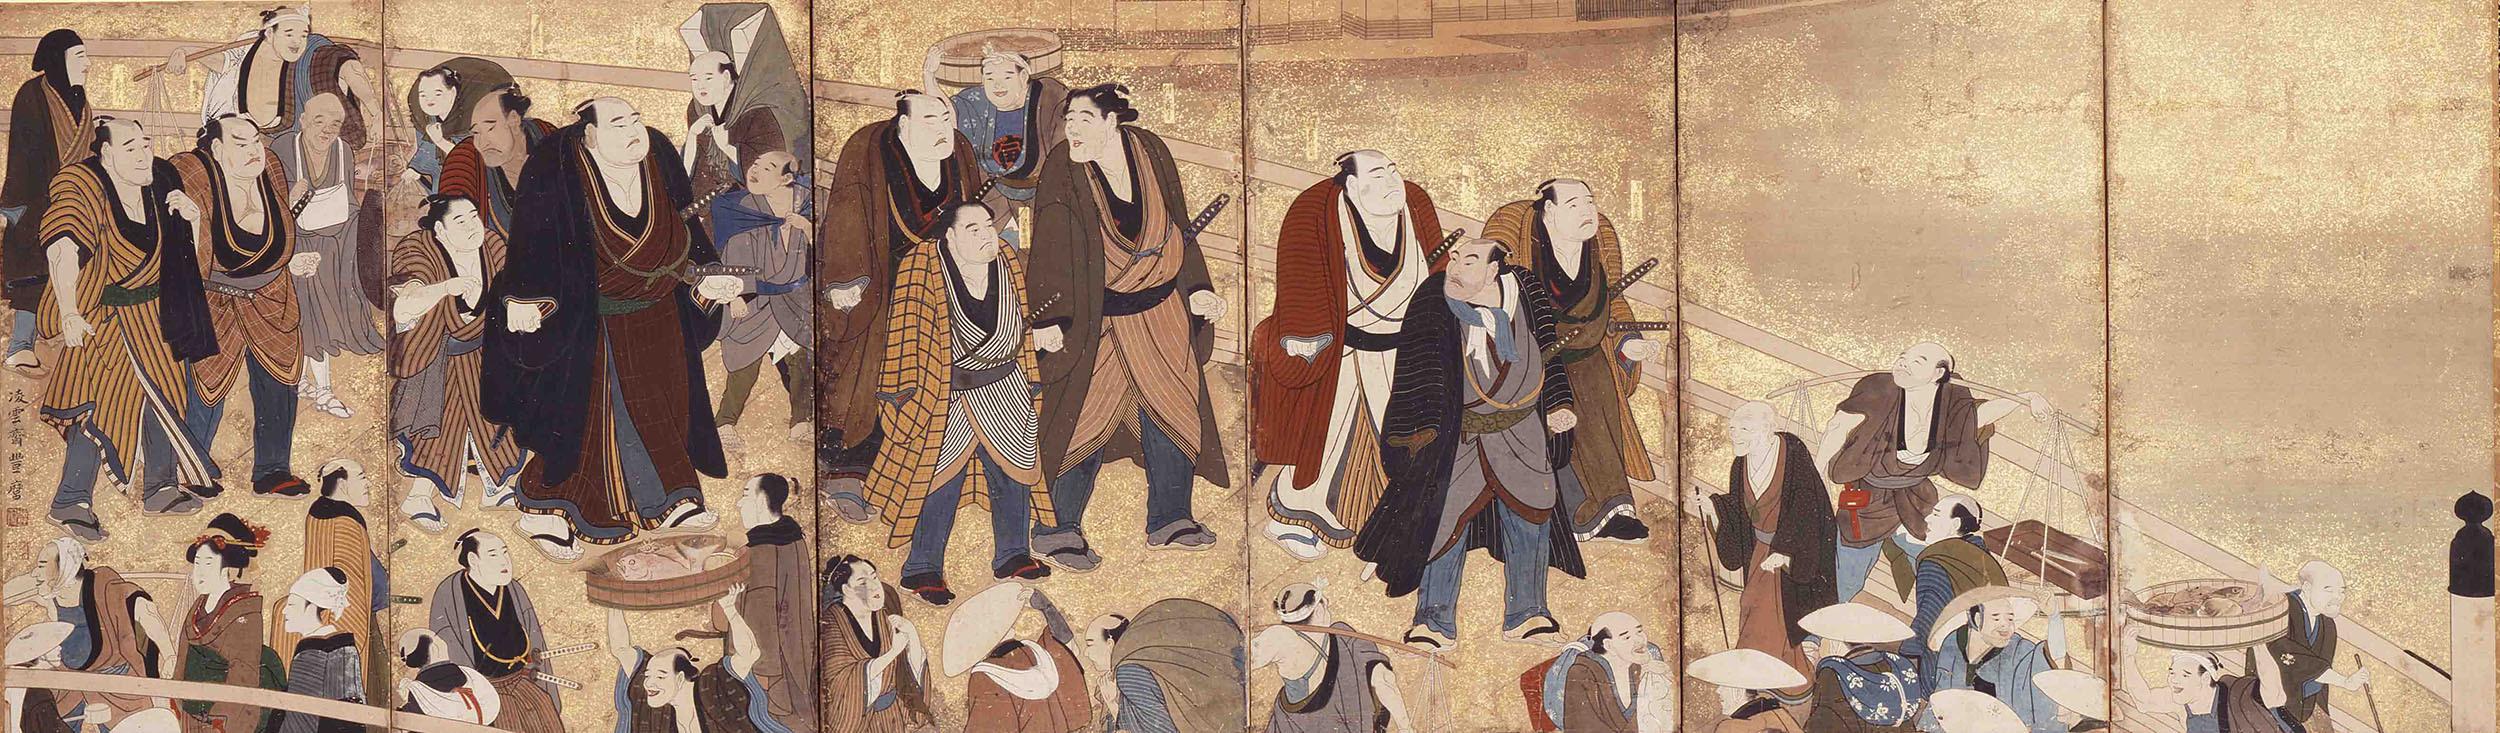 江戸大相撲生写之図(えどおおずもうせいしゃのず) 左隻 享和~文化年間(1801~1818) 相撲博物館蔵 【展示期間:7月8日~7月31日】